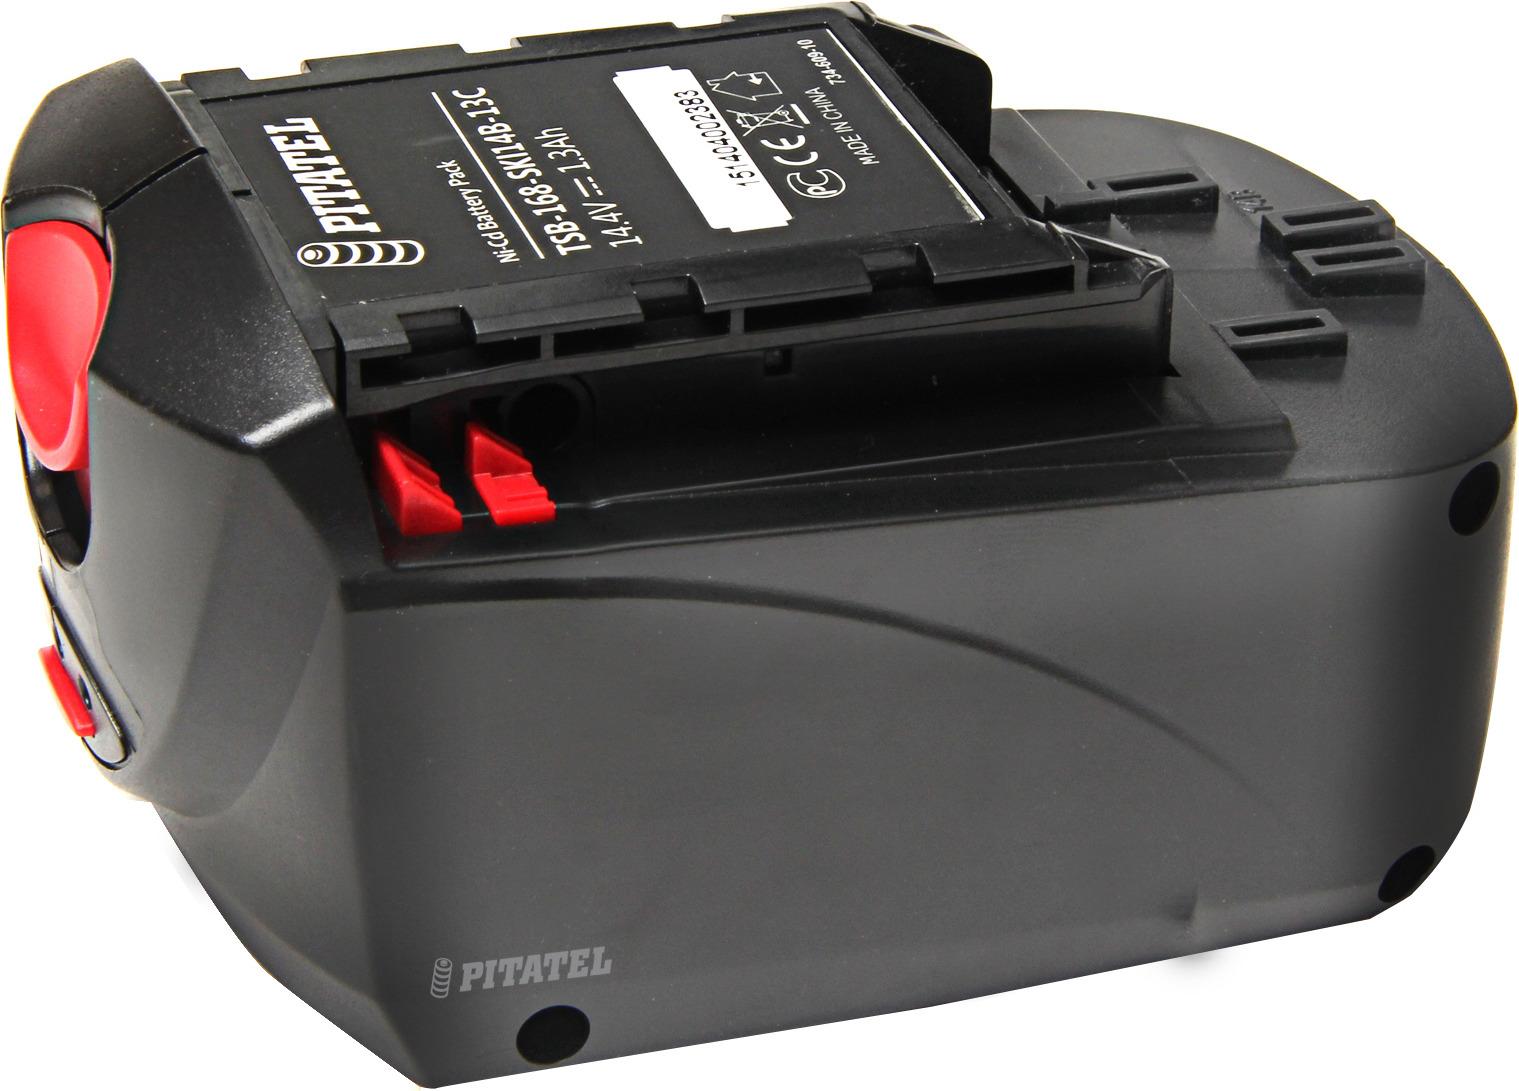 цена на Аккумулятор для инструмента Pitatel для SKIL. TSB-168-SKI14B-21M